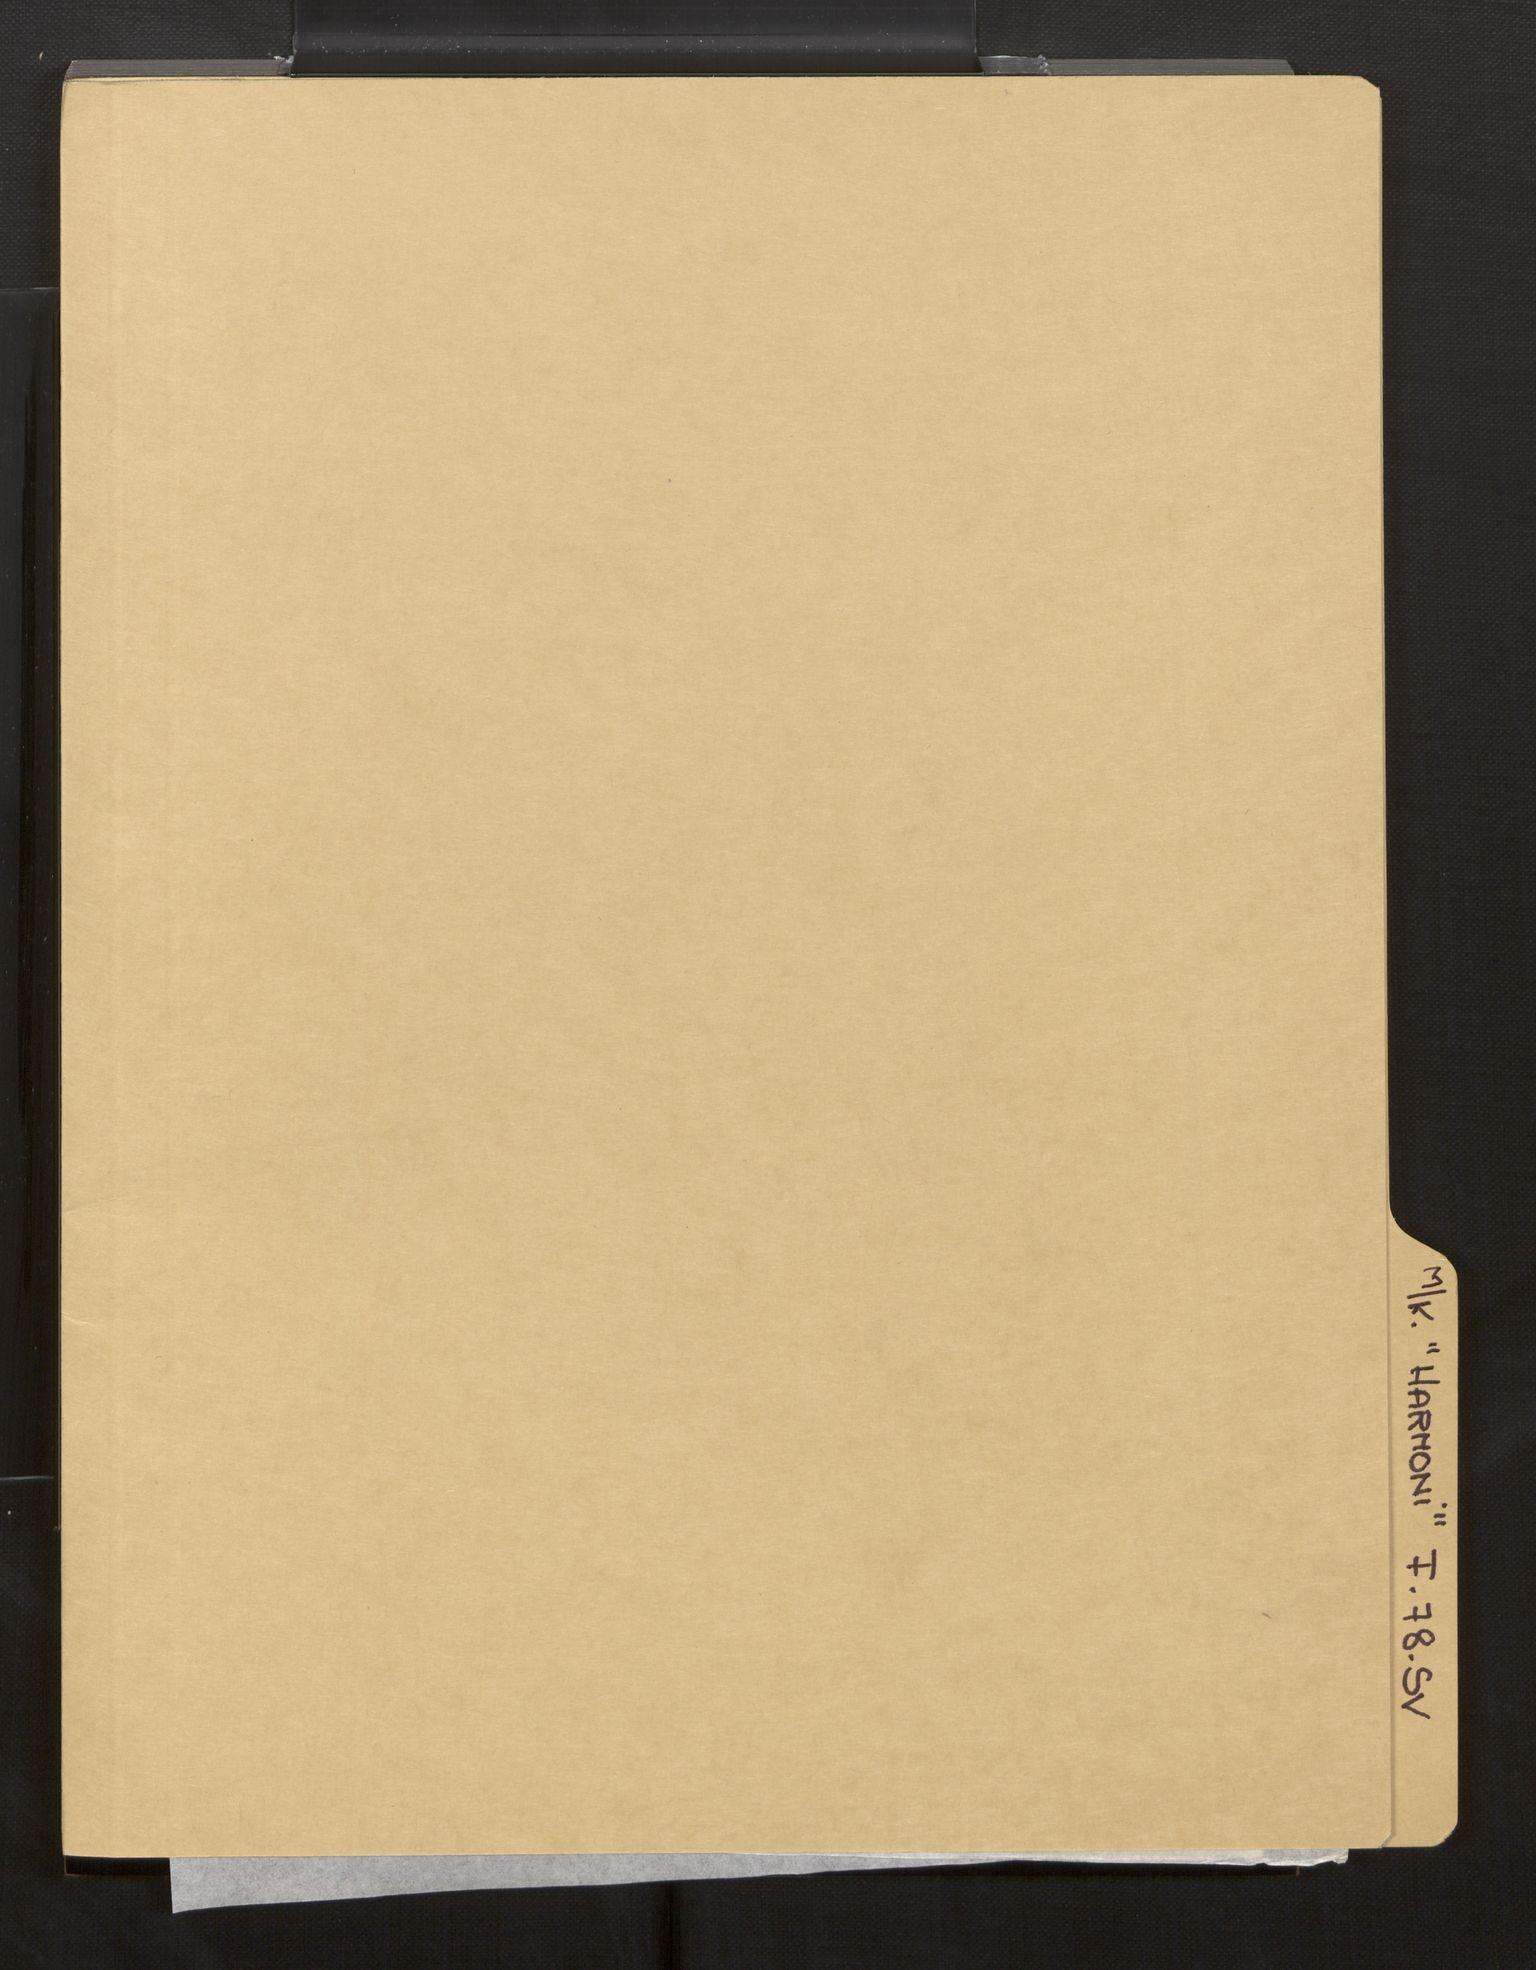 SAB, Fiskeridirektoratet - 1 Adm. ledelse - 13 Båtkontoret, La/L0042: Statens krigsforsikring for fiskeflåten, 1936-1971, p. 332